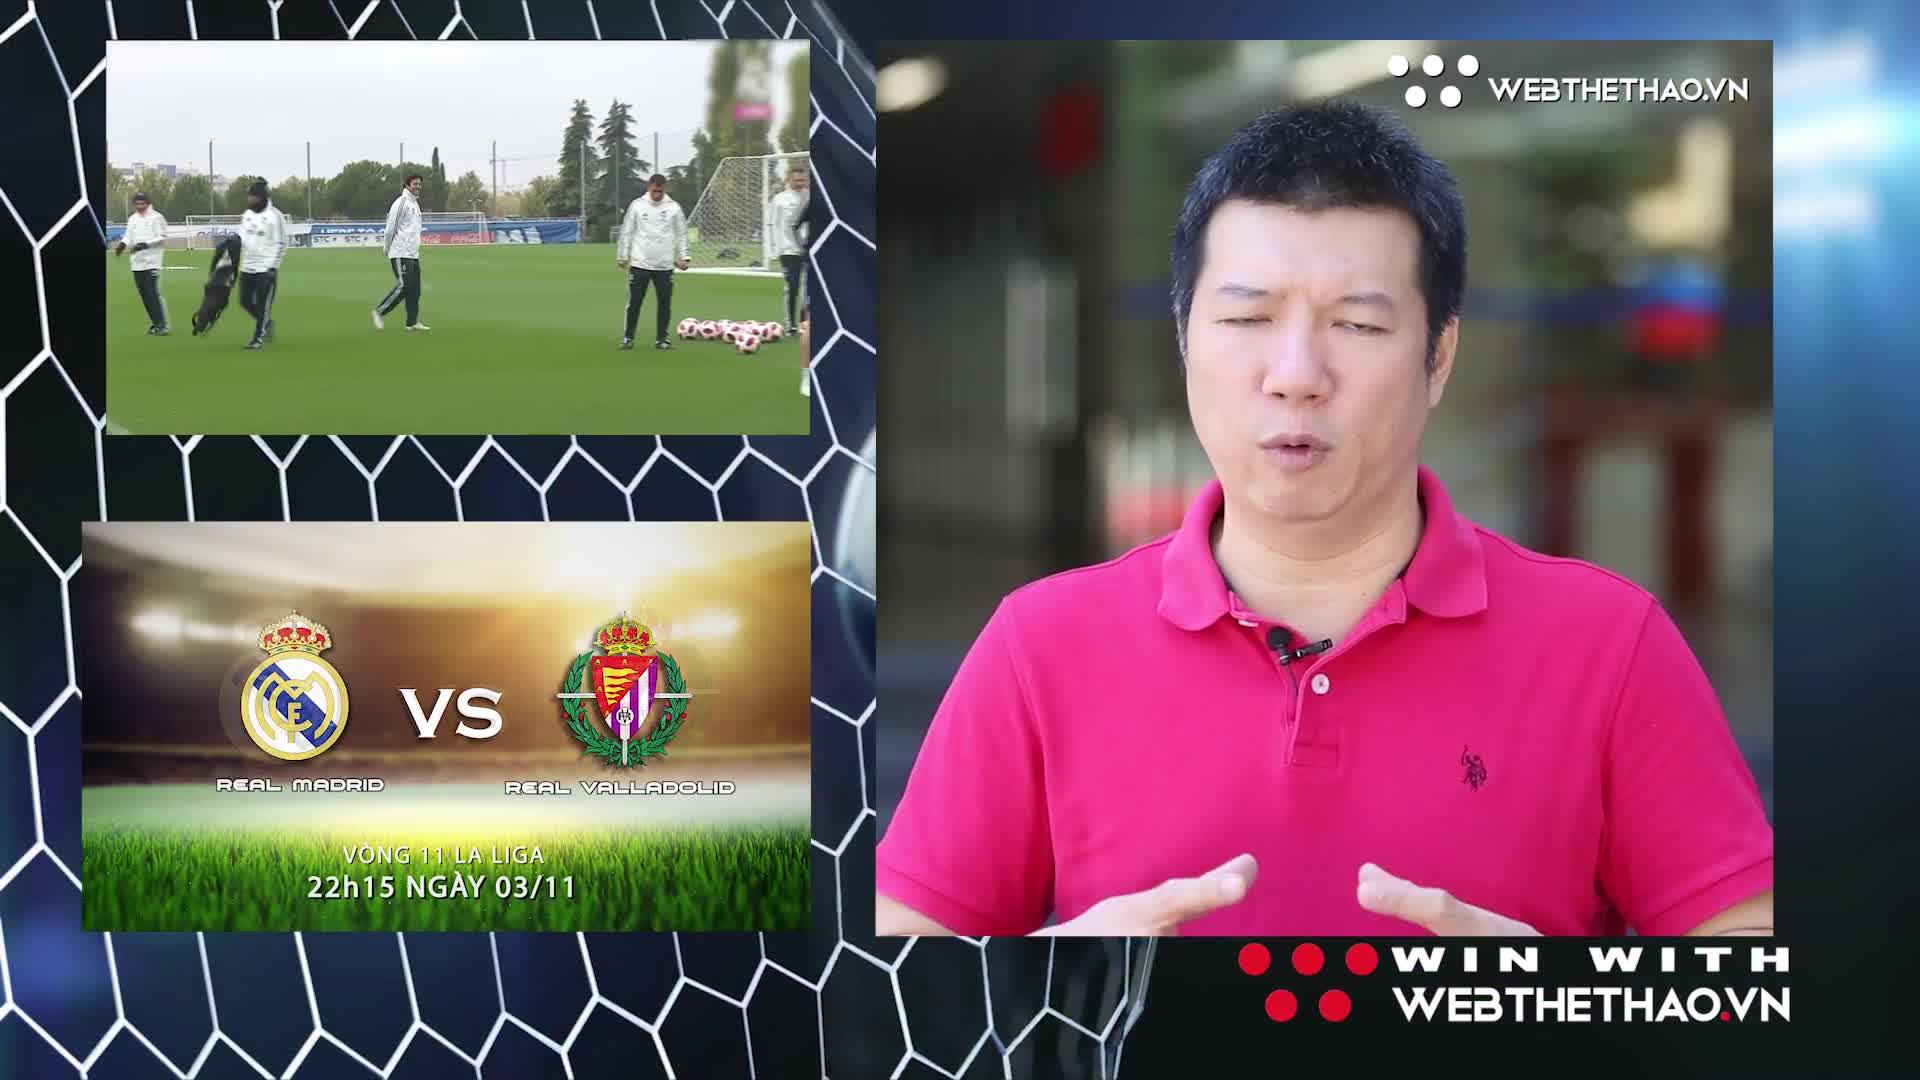 BLV Quang Huy và nhà báo Minh Hải nhận định và dự đoán trận Real Madrid vs Valladolid (3W - Win With Webthethao)